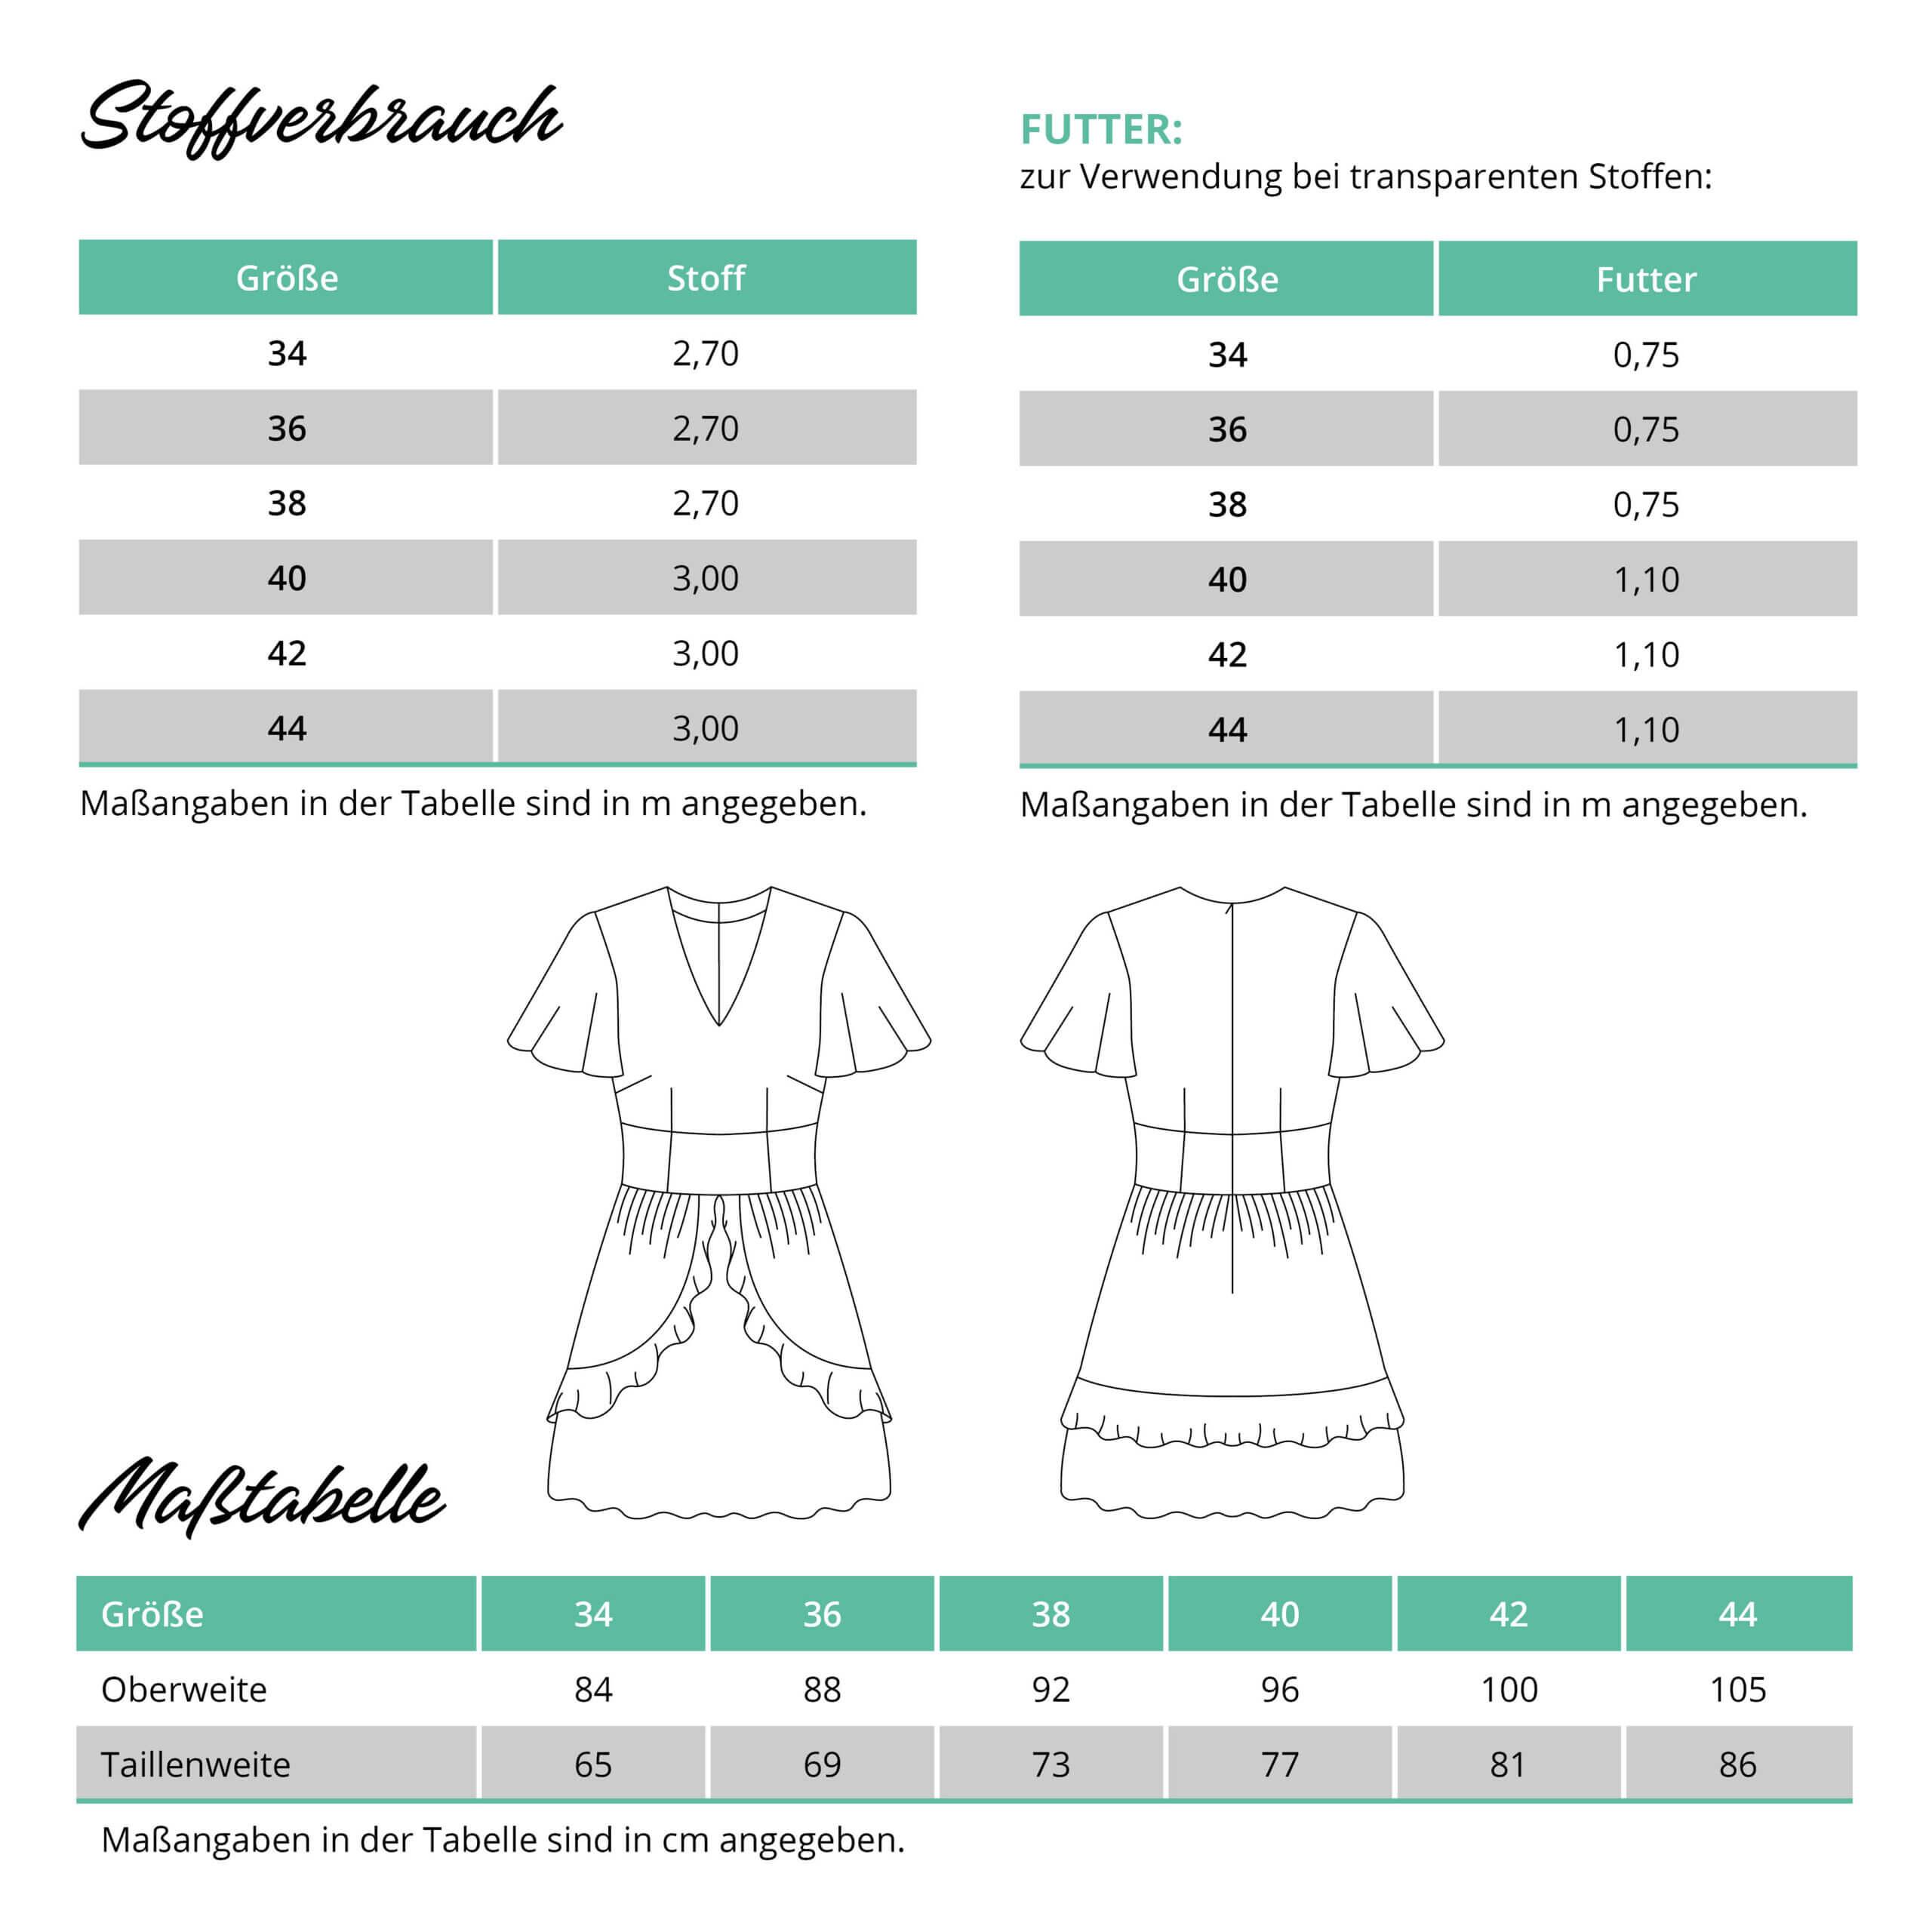 Stoffverbrauch, Maßtabelle und technische Zeichnung von Alessia